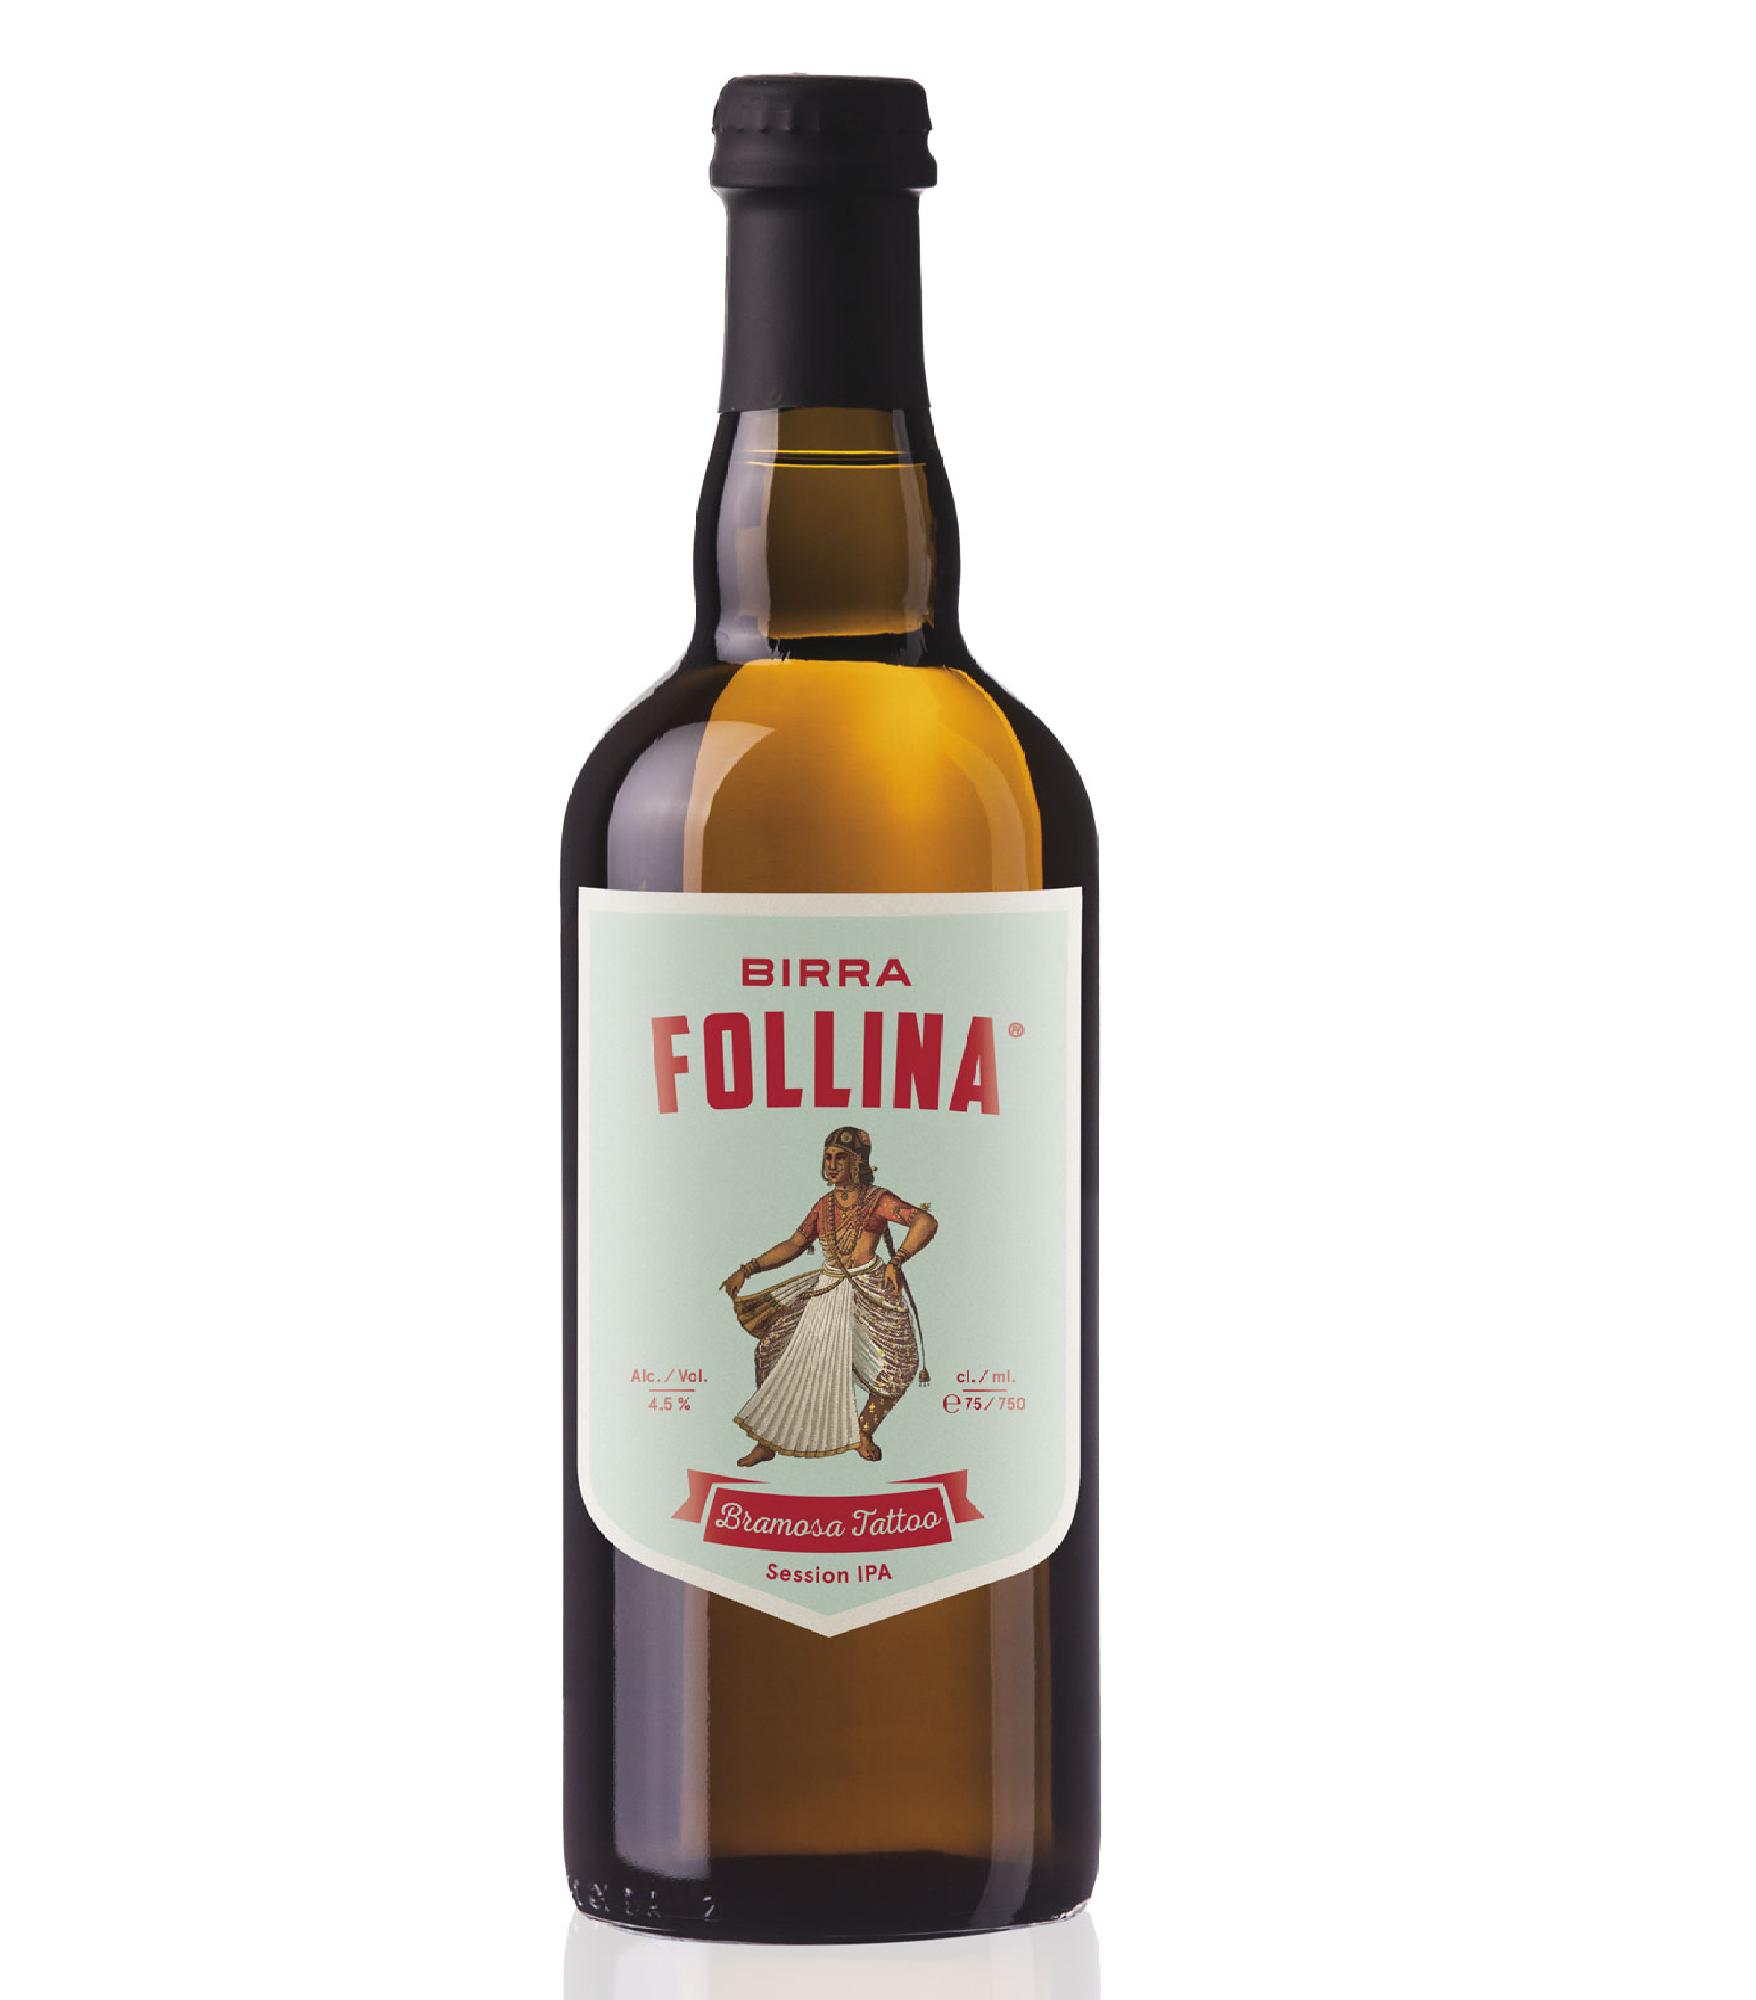 BIRRA FOLLINA BRAMOSA TATTOO cl75